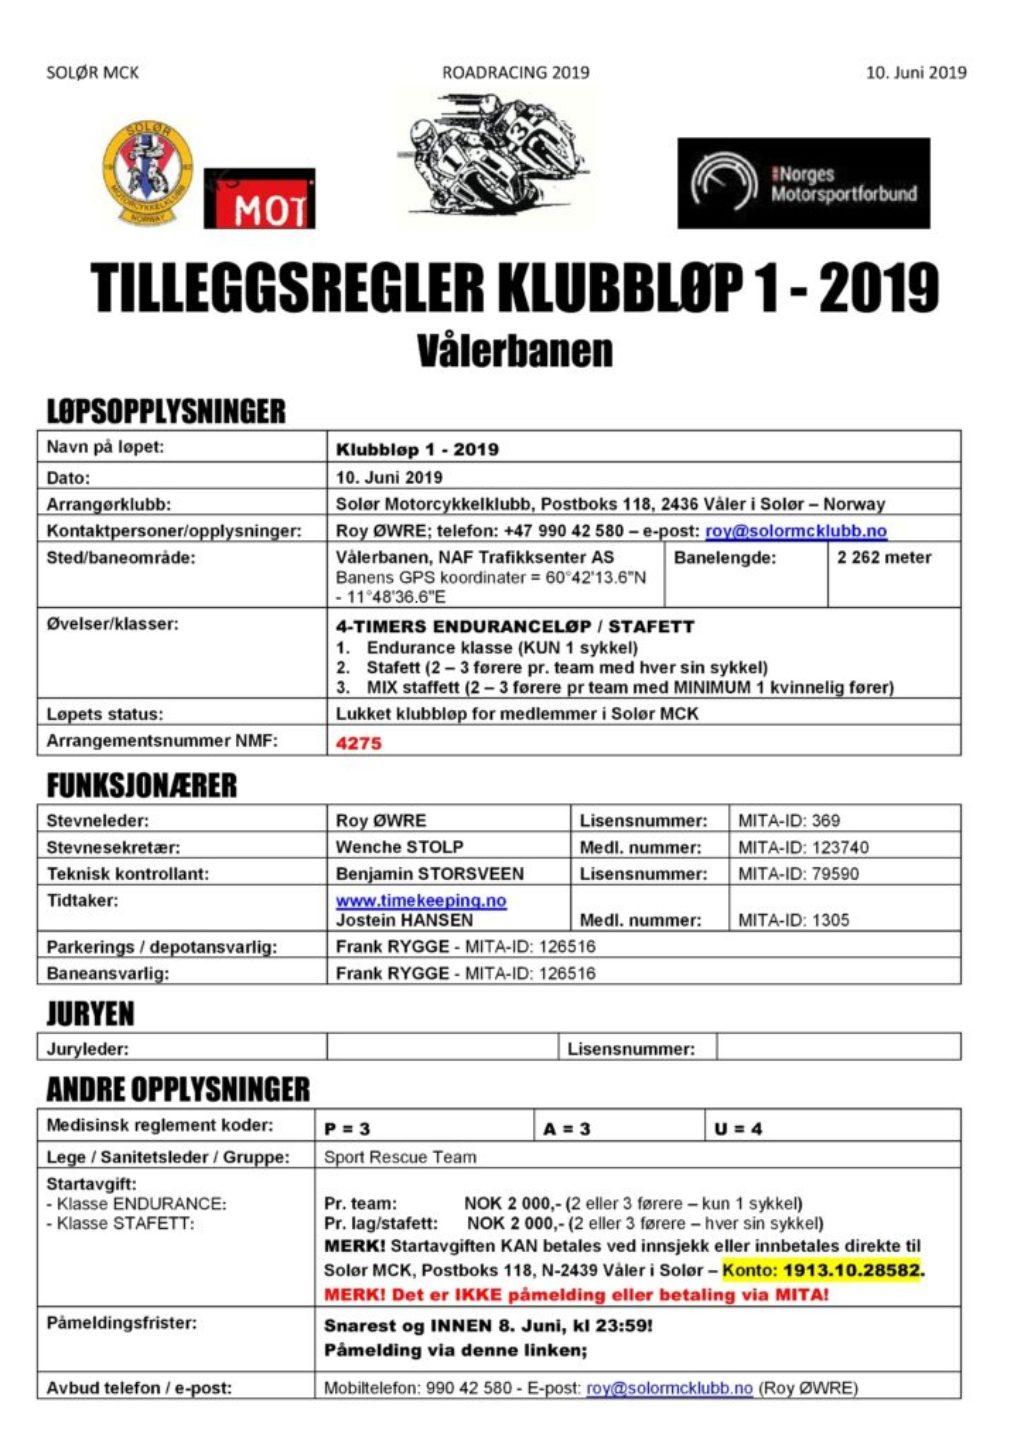 TR klubbløp RR - Vålerbanen - side 1